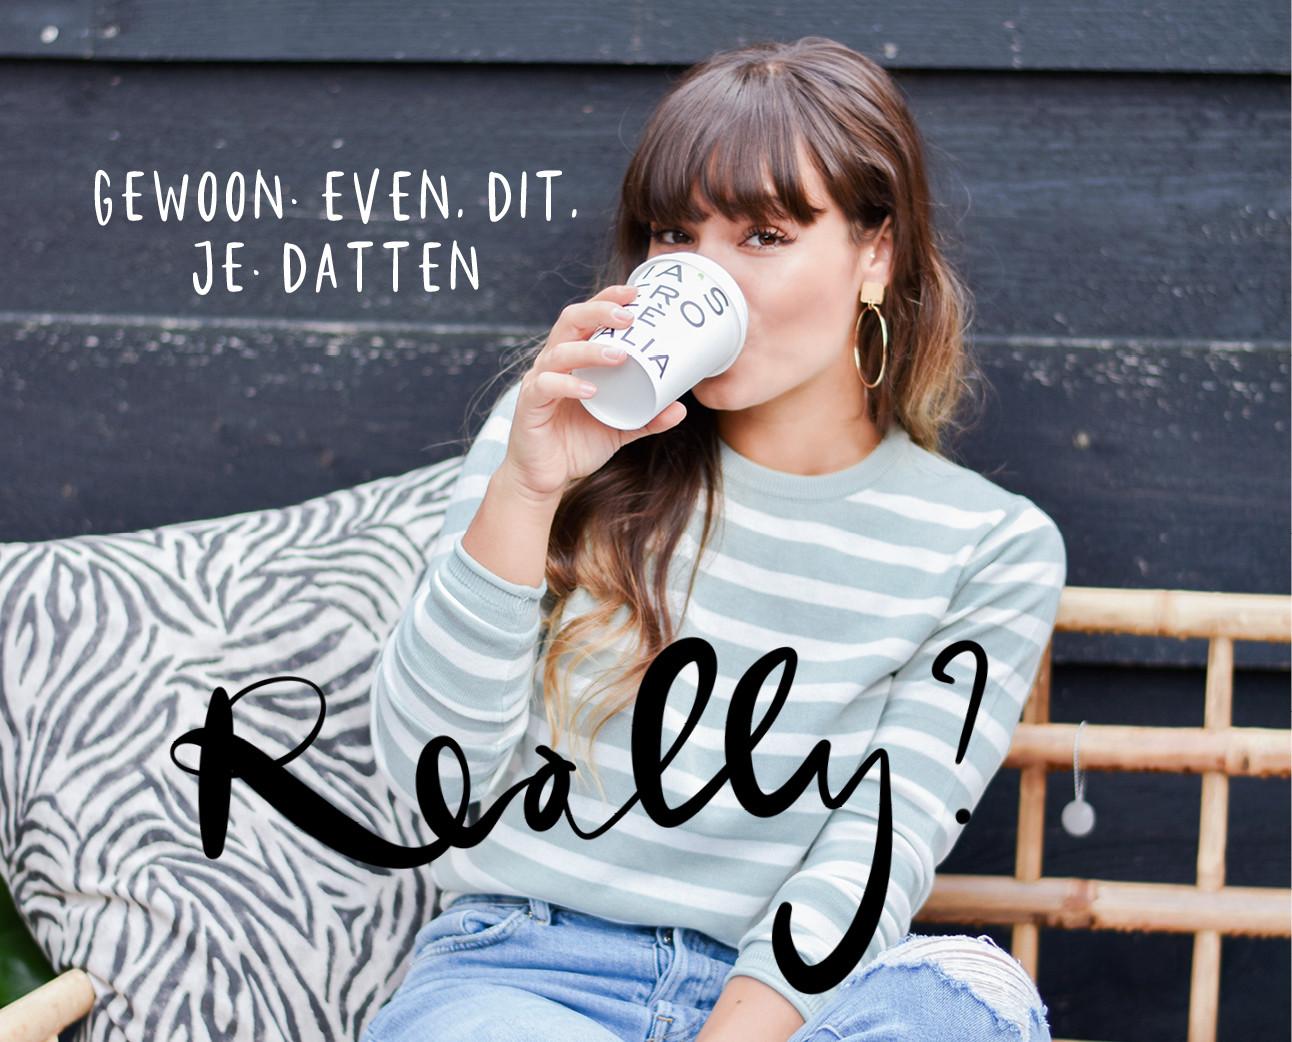 Kiki die koffie drinkt terwijl ze op een bank zit die van hout is gemaakt, ze draagt een mint groen getreept shirtje en een spijkerbroek